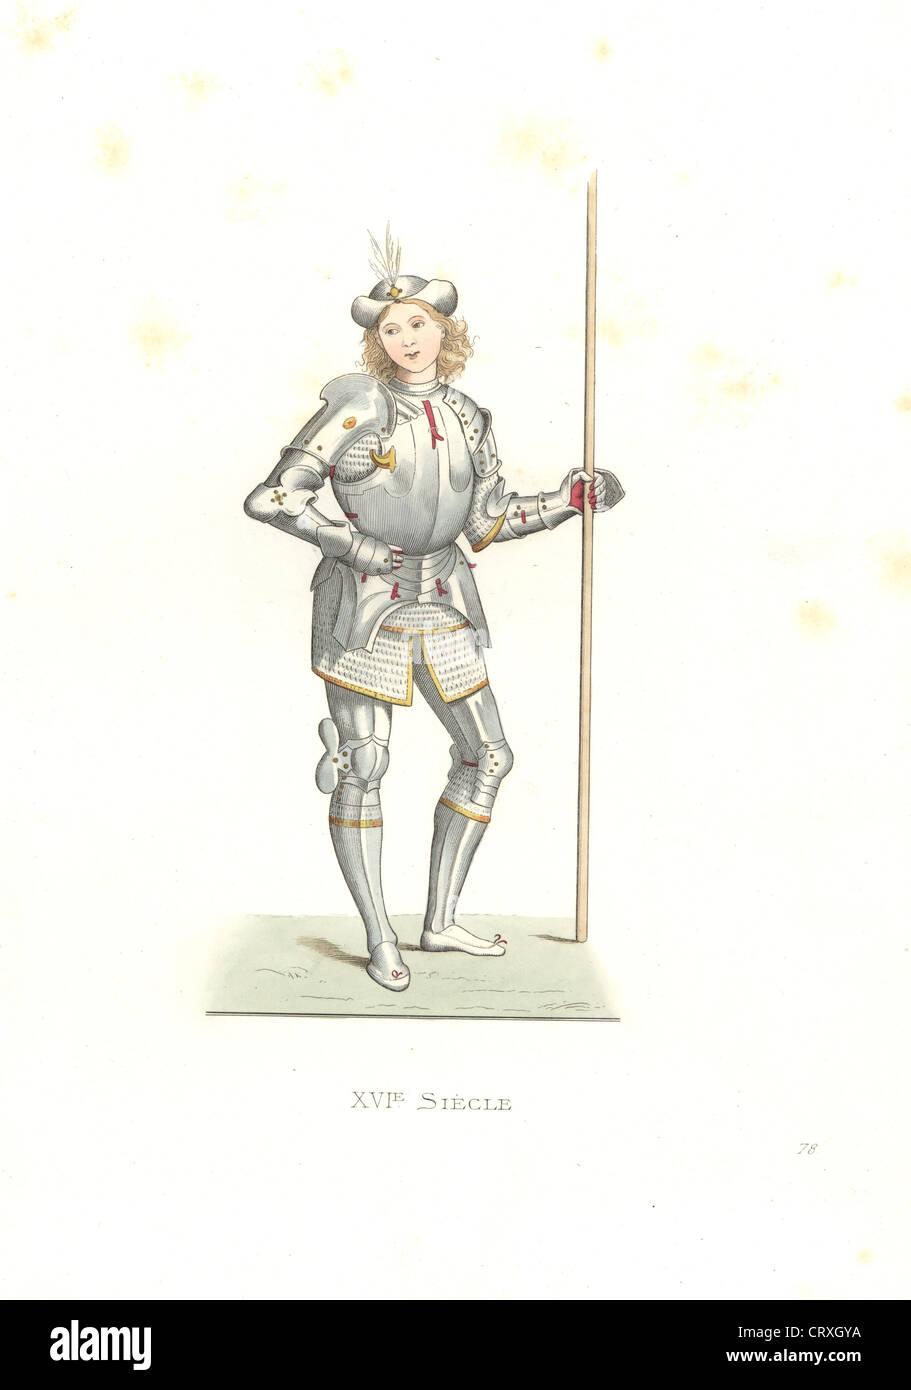 L'homme italien d'armes, 16e siècle, après une illustration par l'artiste italien Bernardino di Benedetto, il Pinturicchio. Banque D'Images